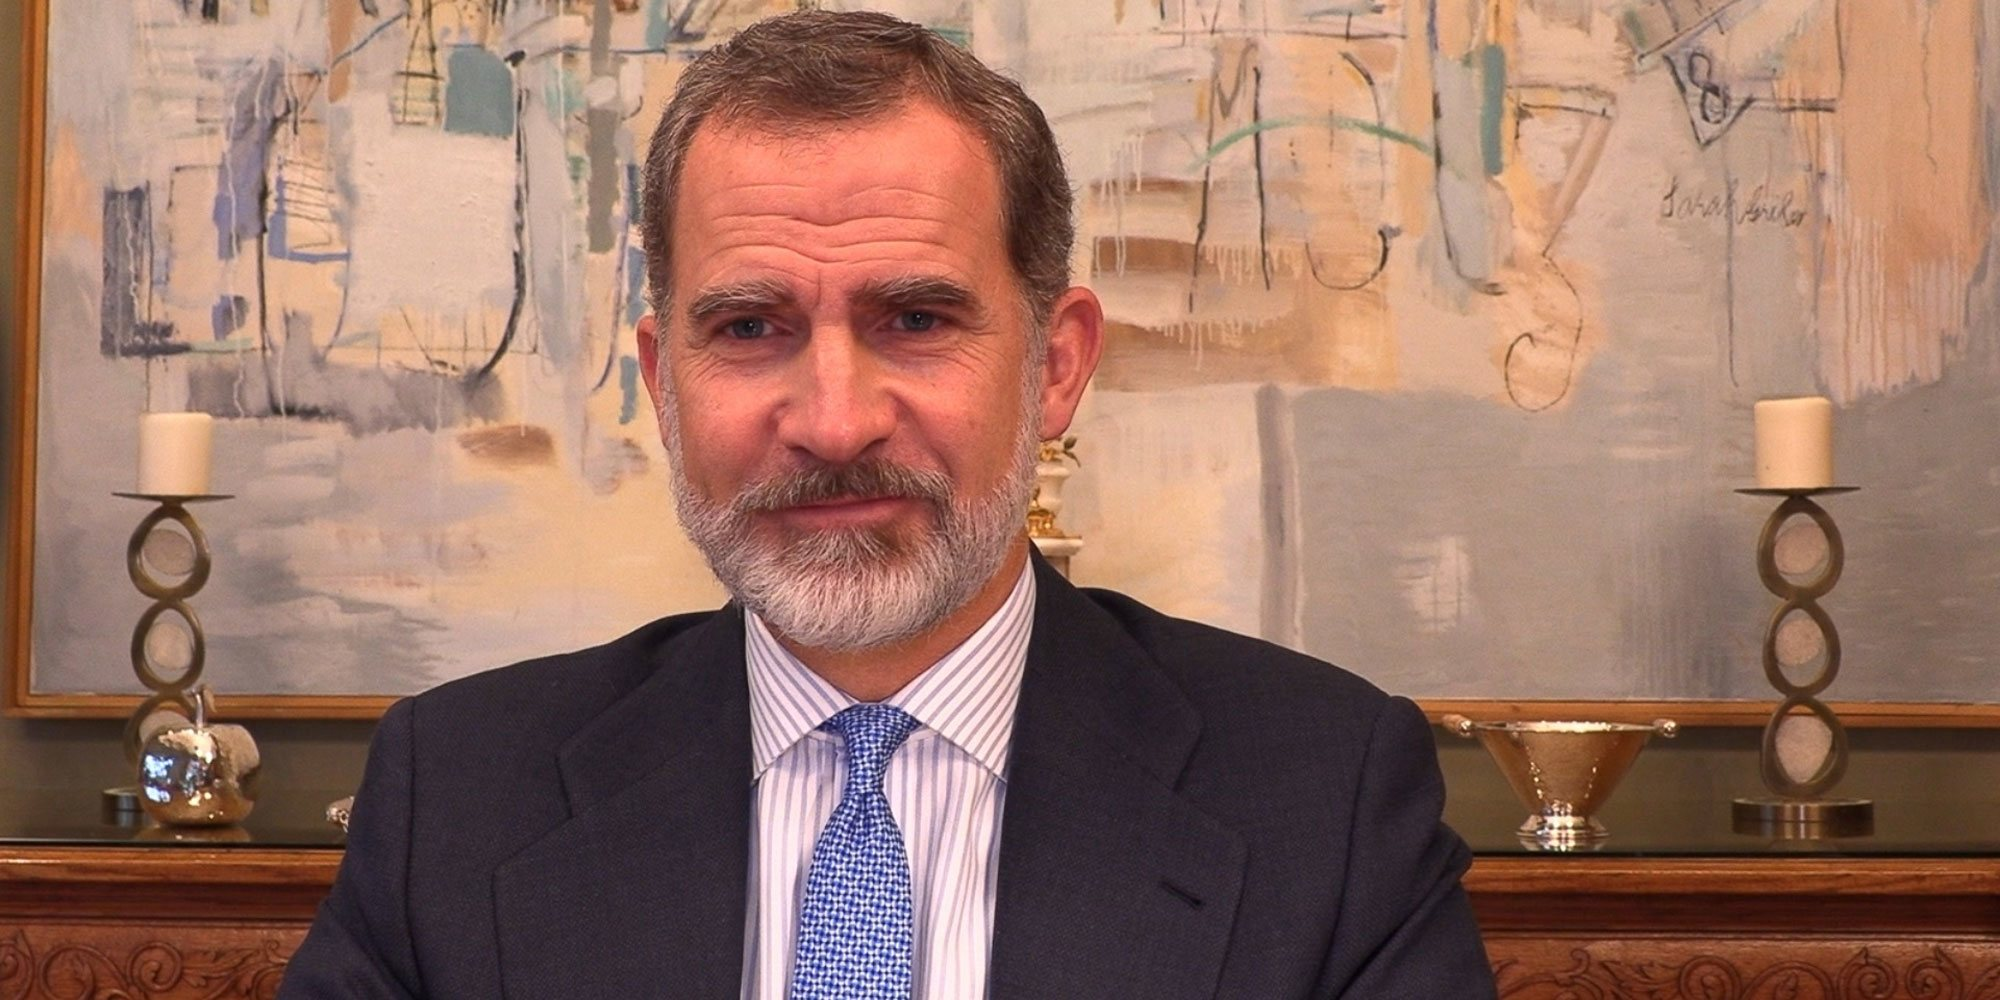 El Rey Felipe reaparece en plena cuarentena preventiva: mensaje telemático, dos idiomas y buen aspecto